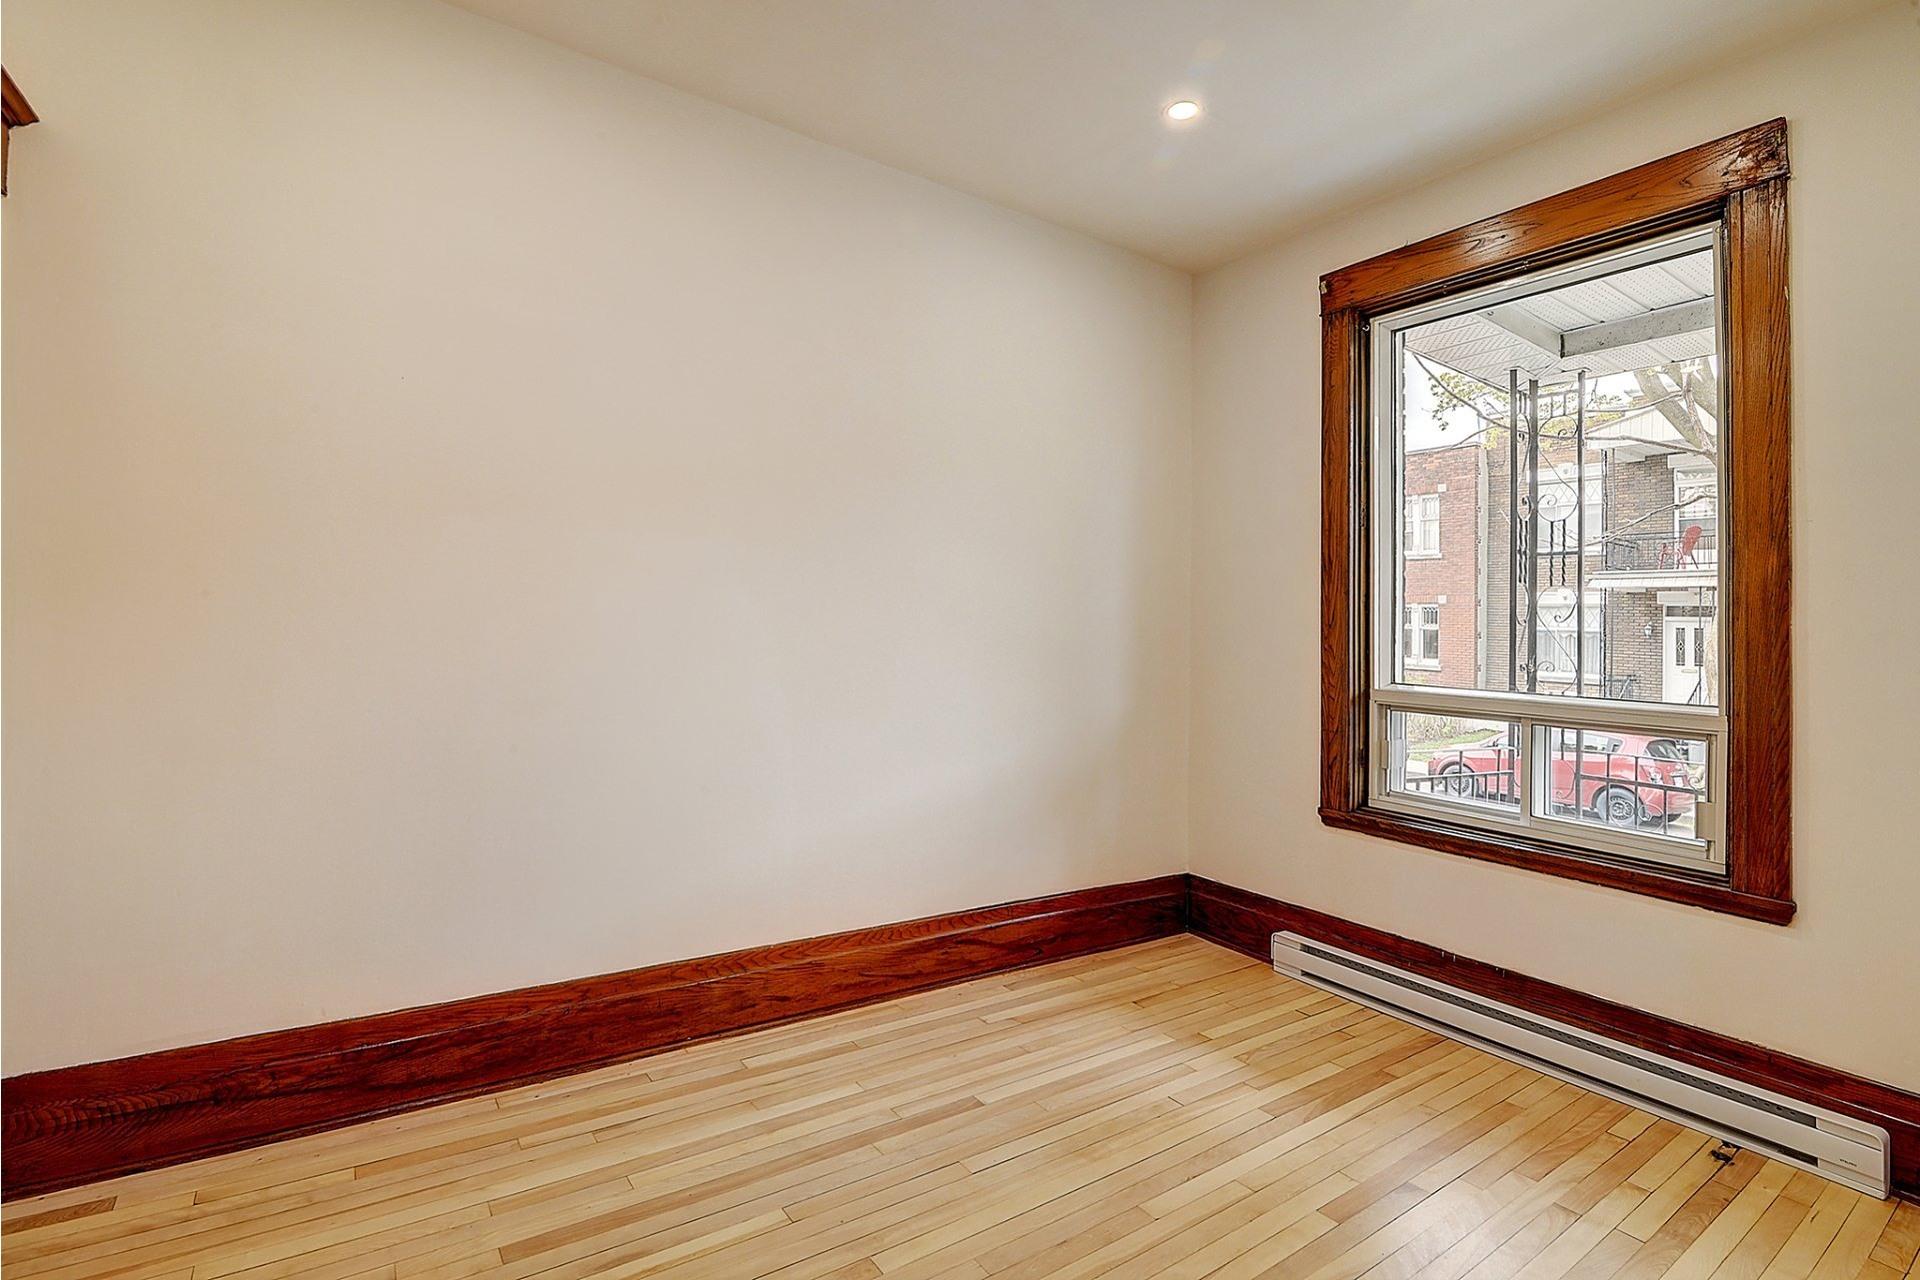 image 11 - Apartment For rent Verdun/Île-des-Soeurs Montréal  - 10 rooms